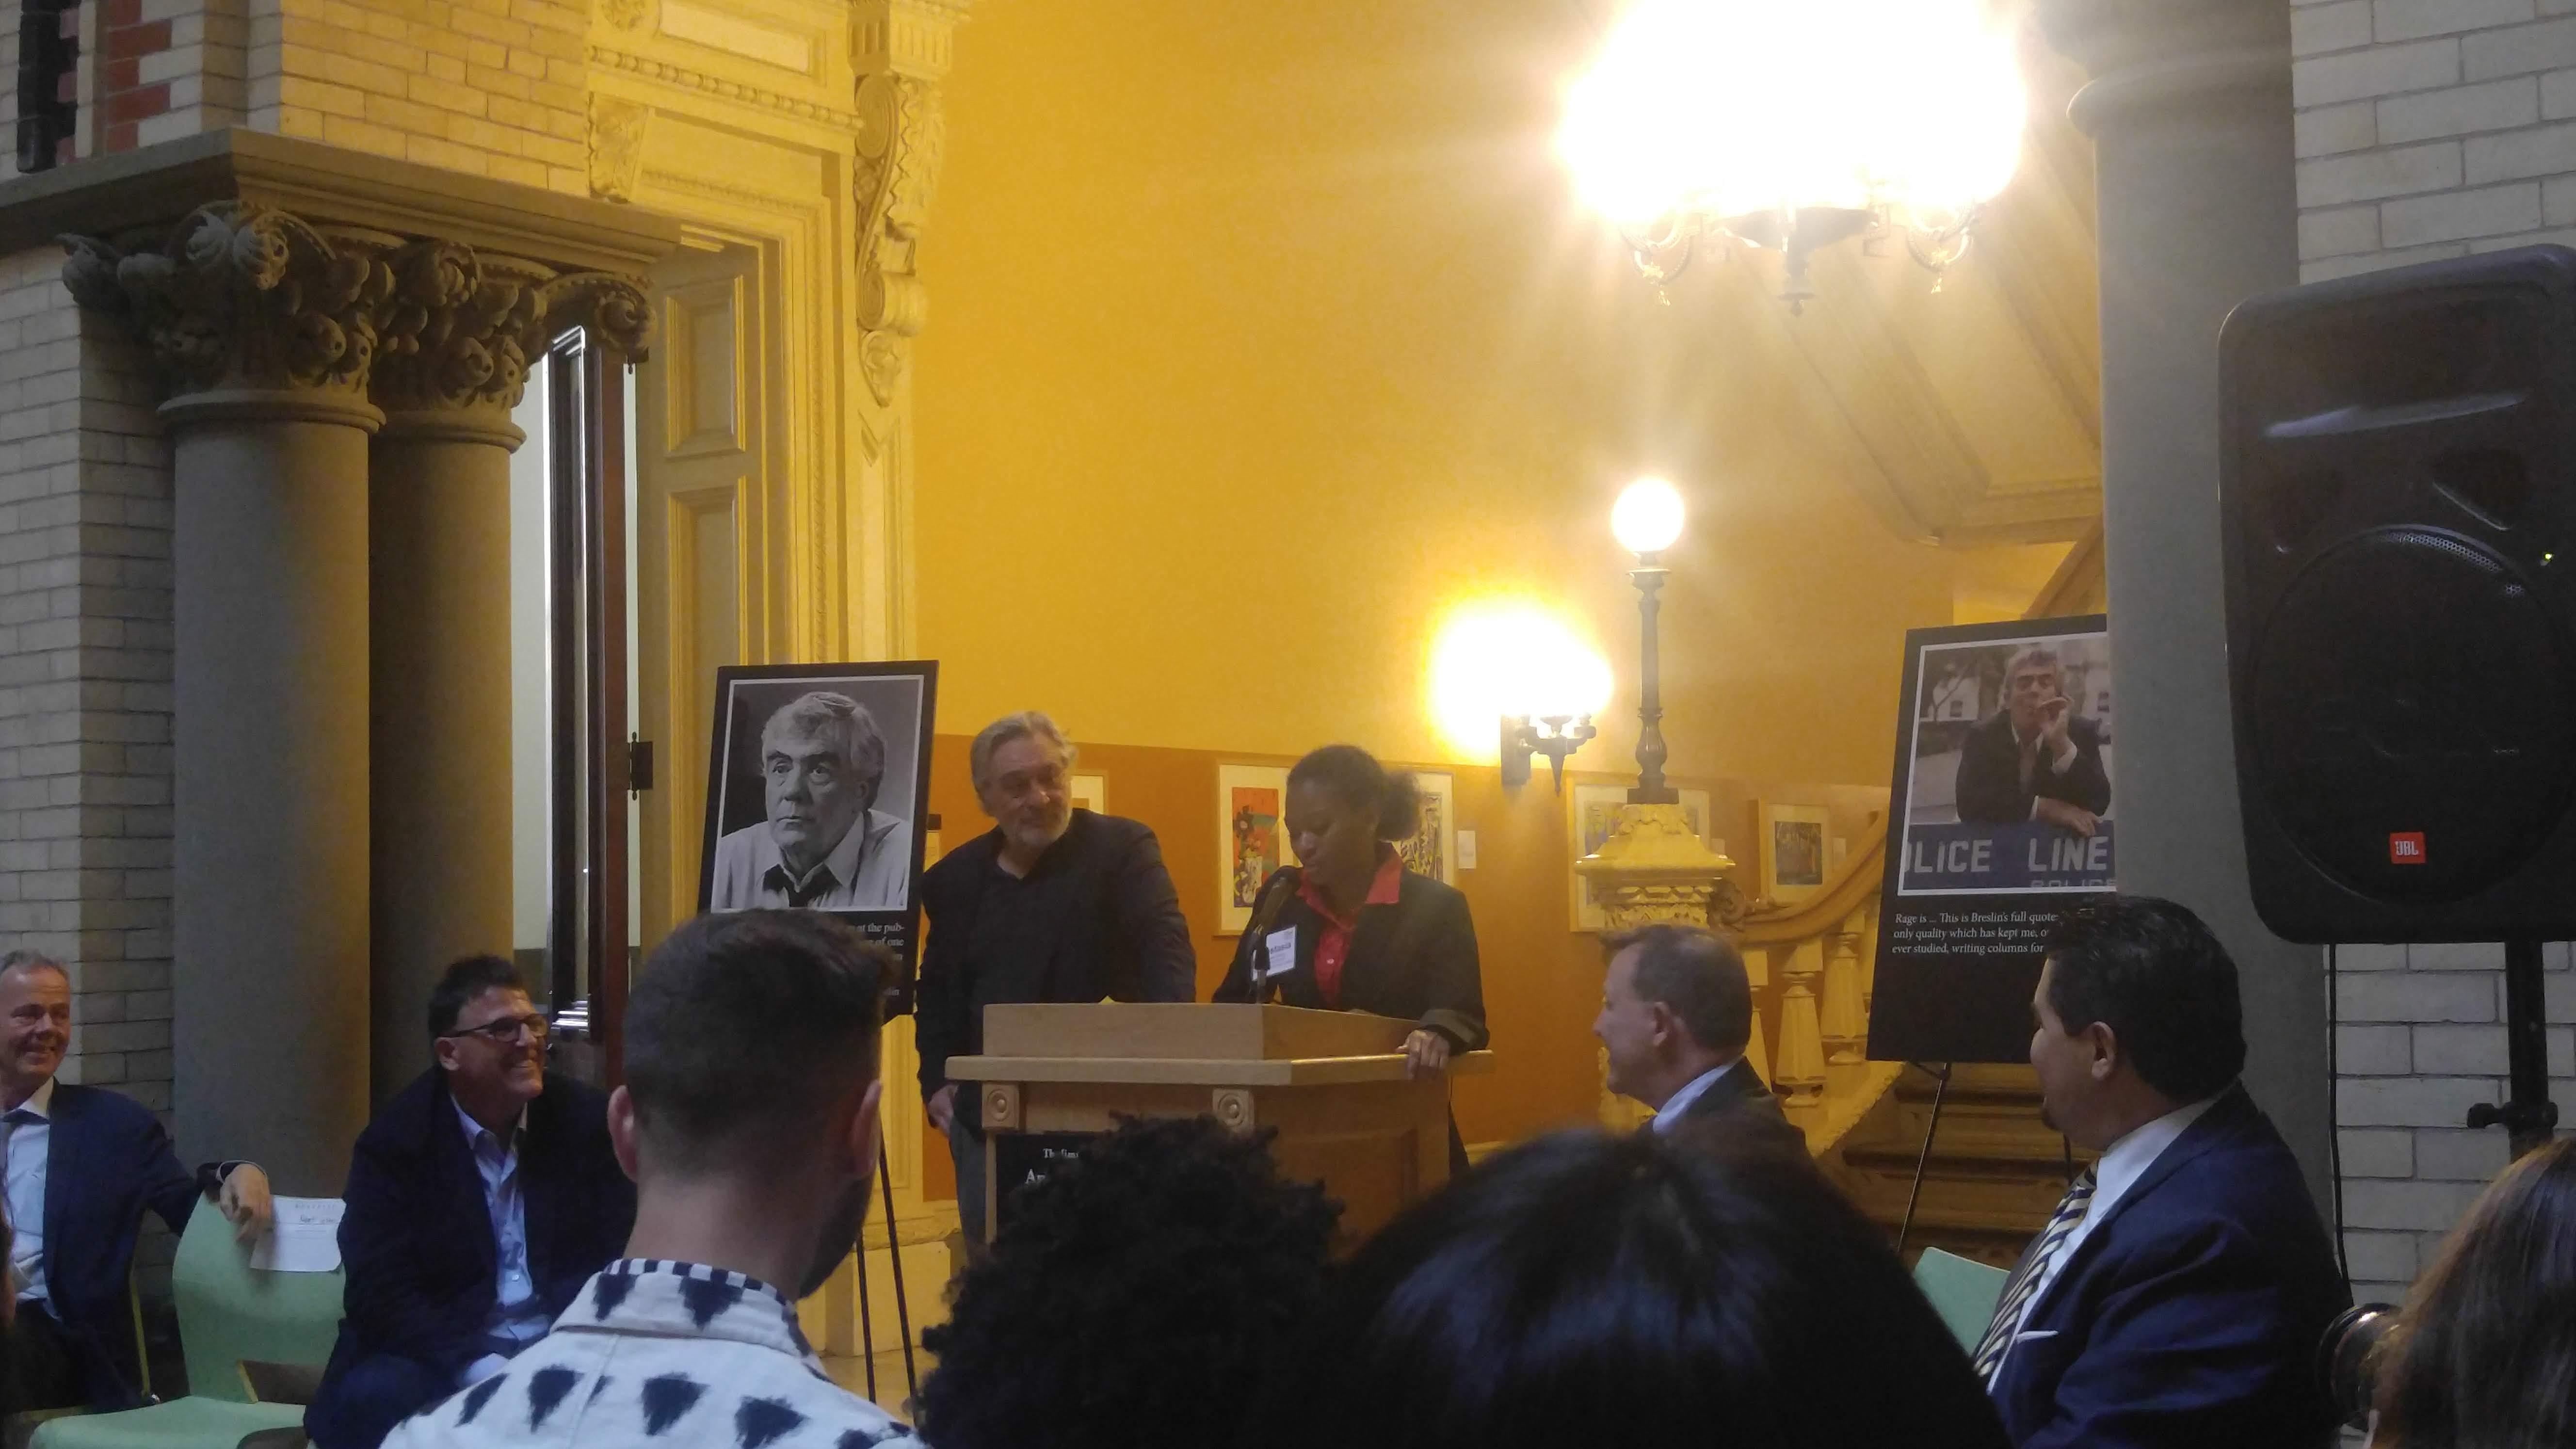 senior prestasia aldridge speaking at a podium at the does tweed headquarters with robert de niro